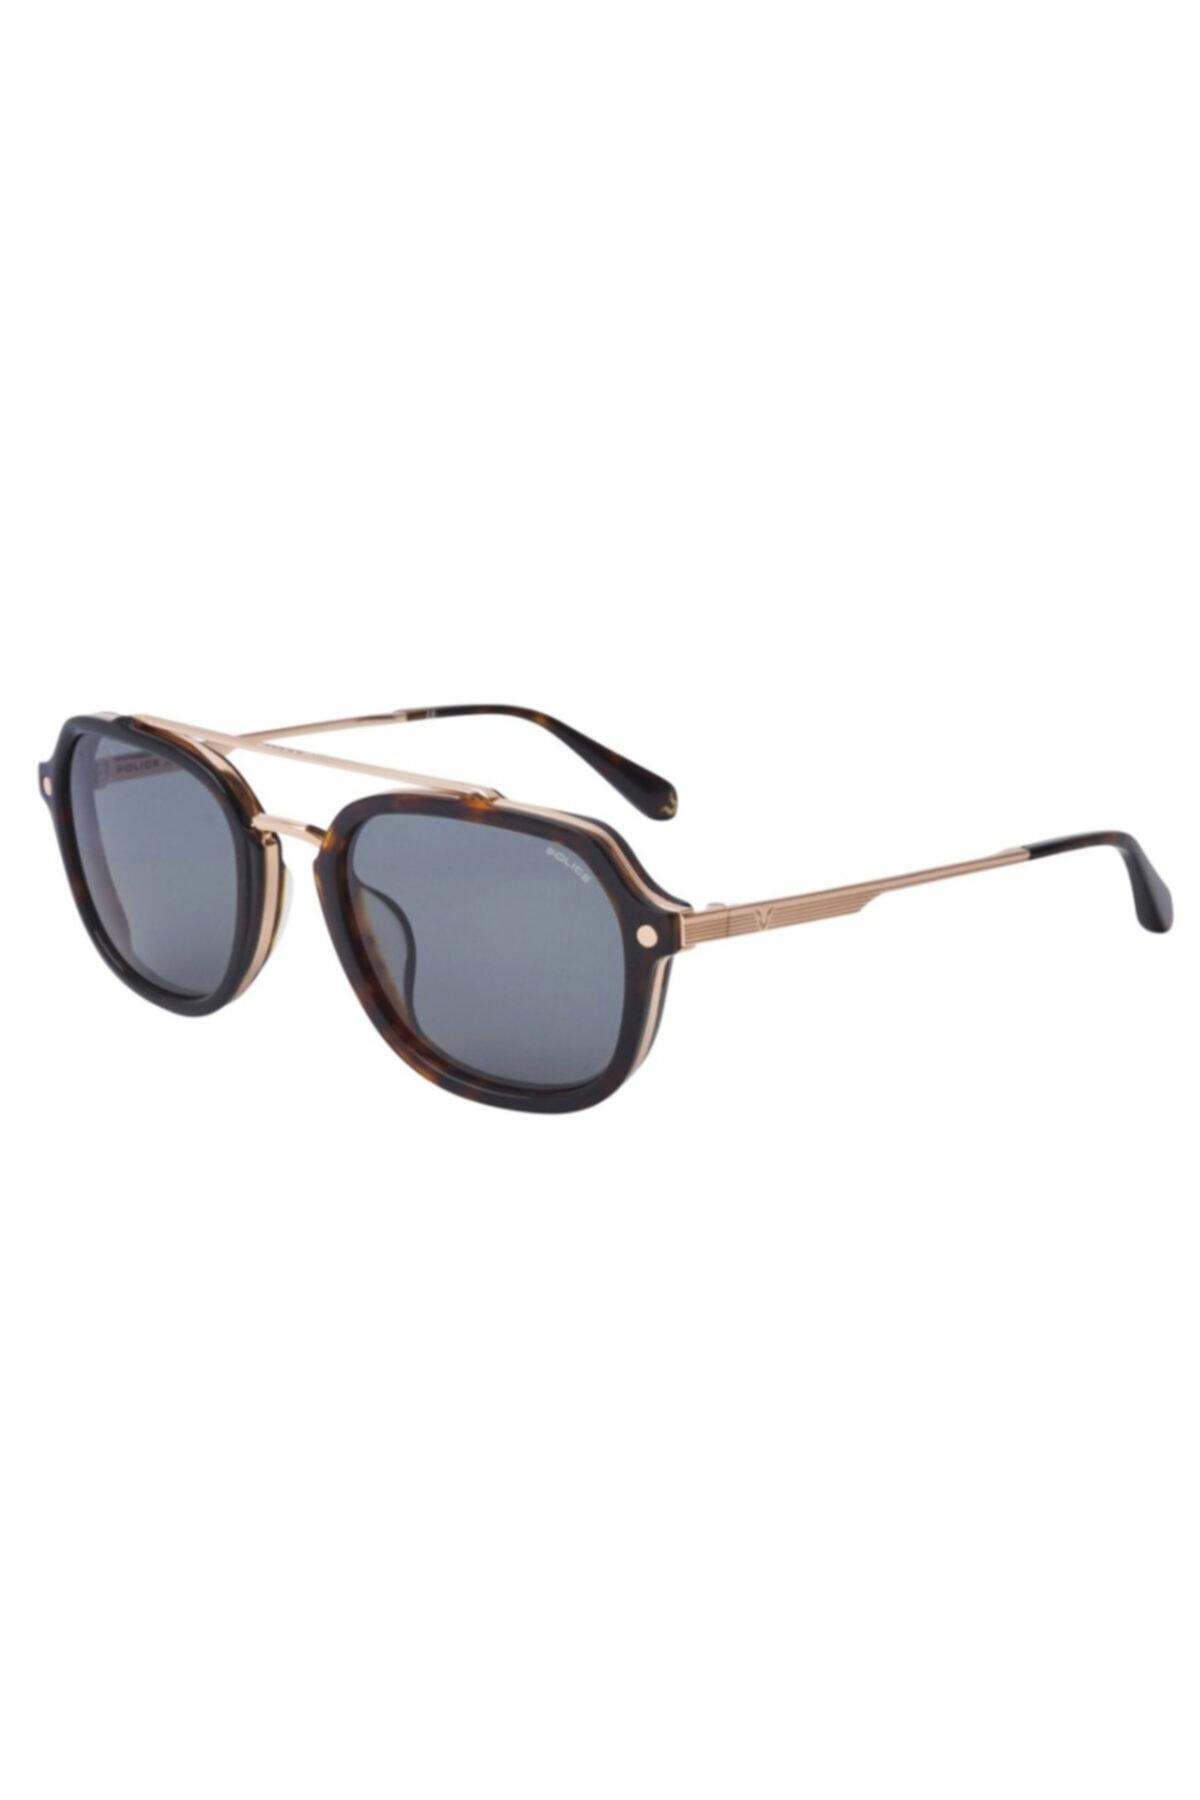 خرید ارزان عینک آفتابی زنانه اسپرت برند Police رنگ قهوه ای کد ty66354816